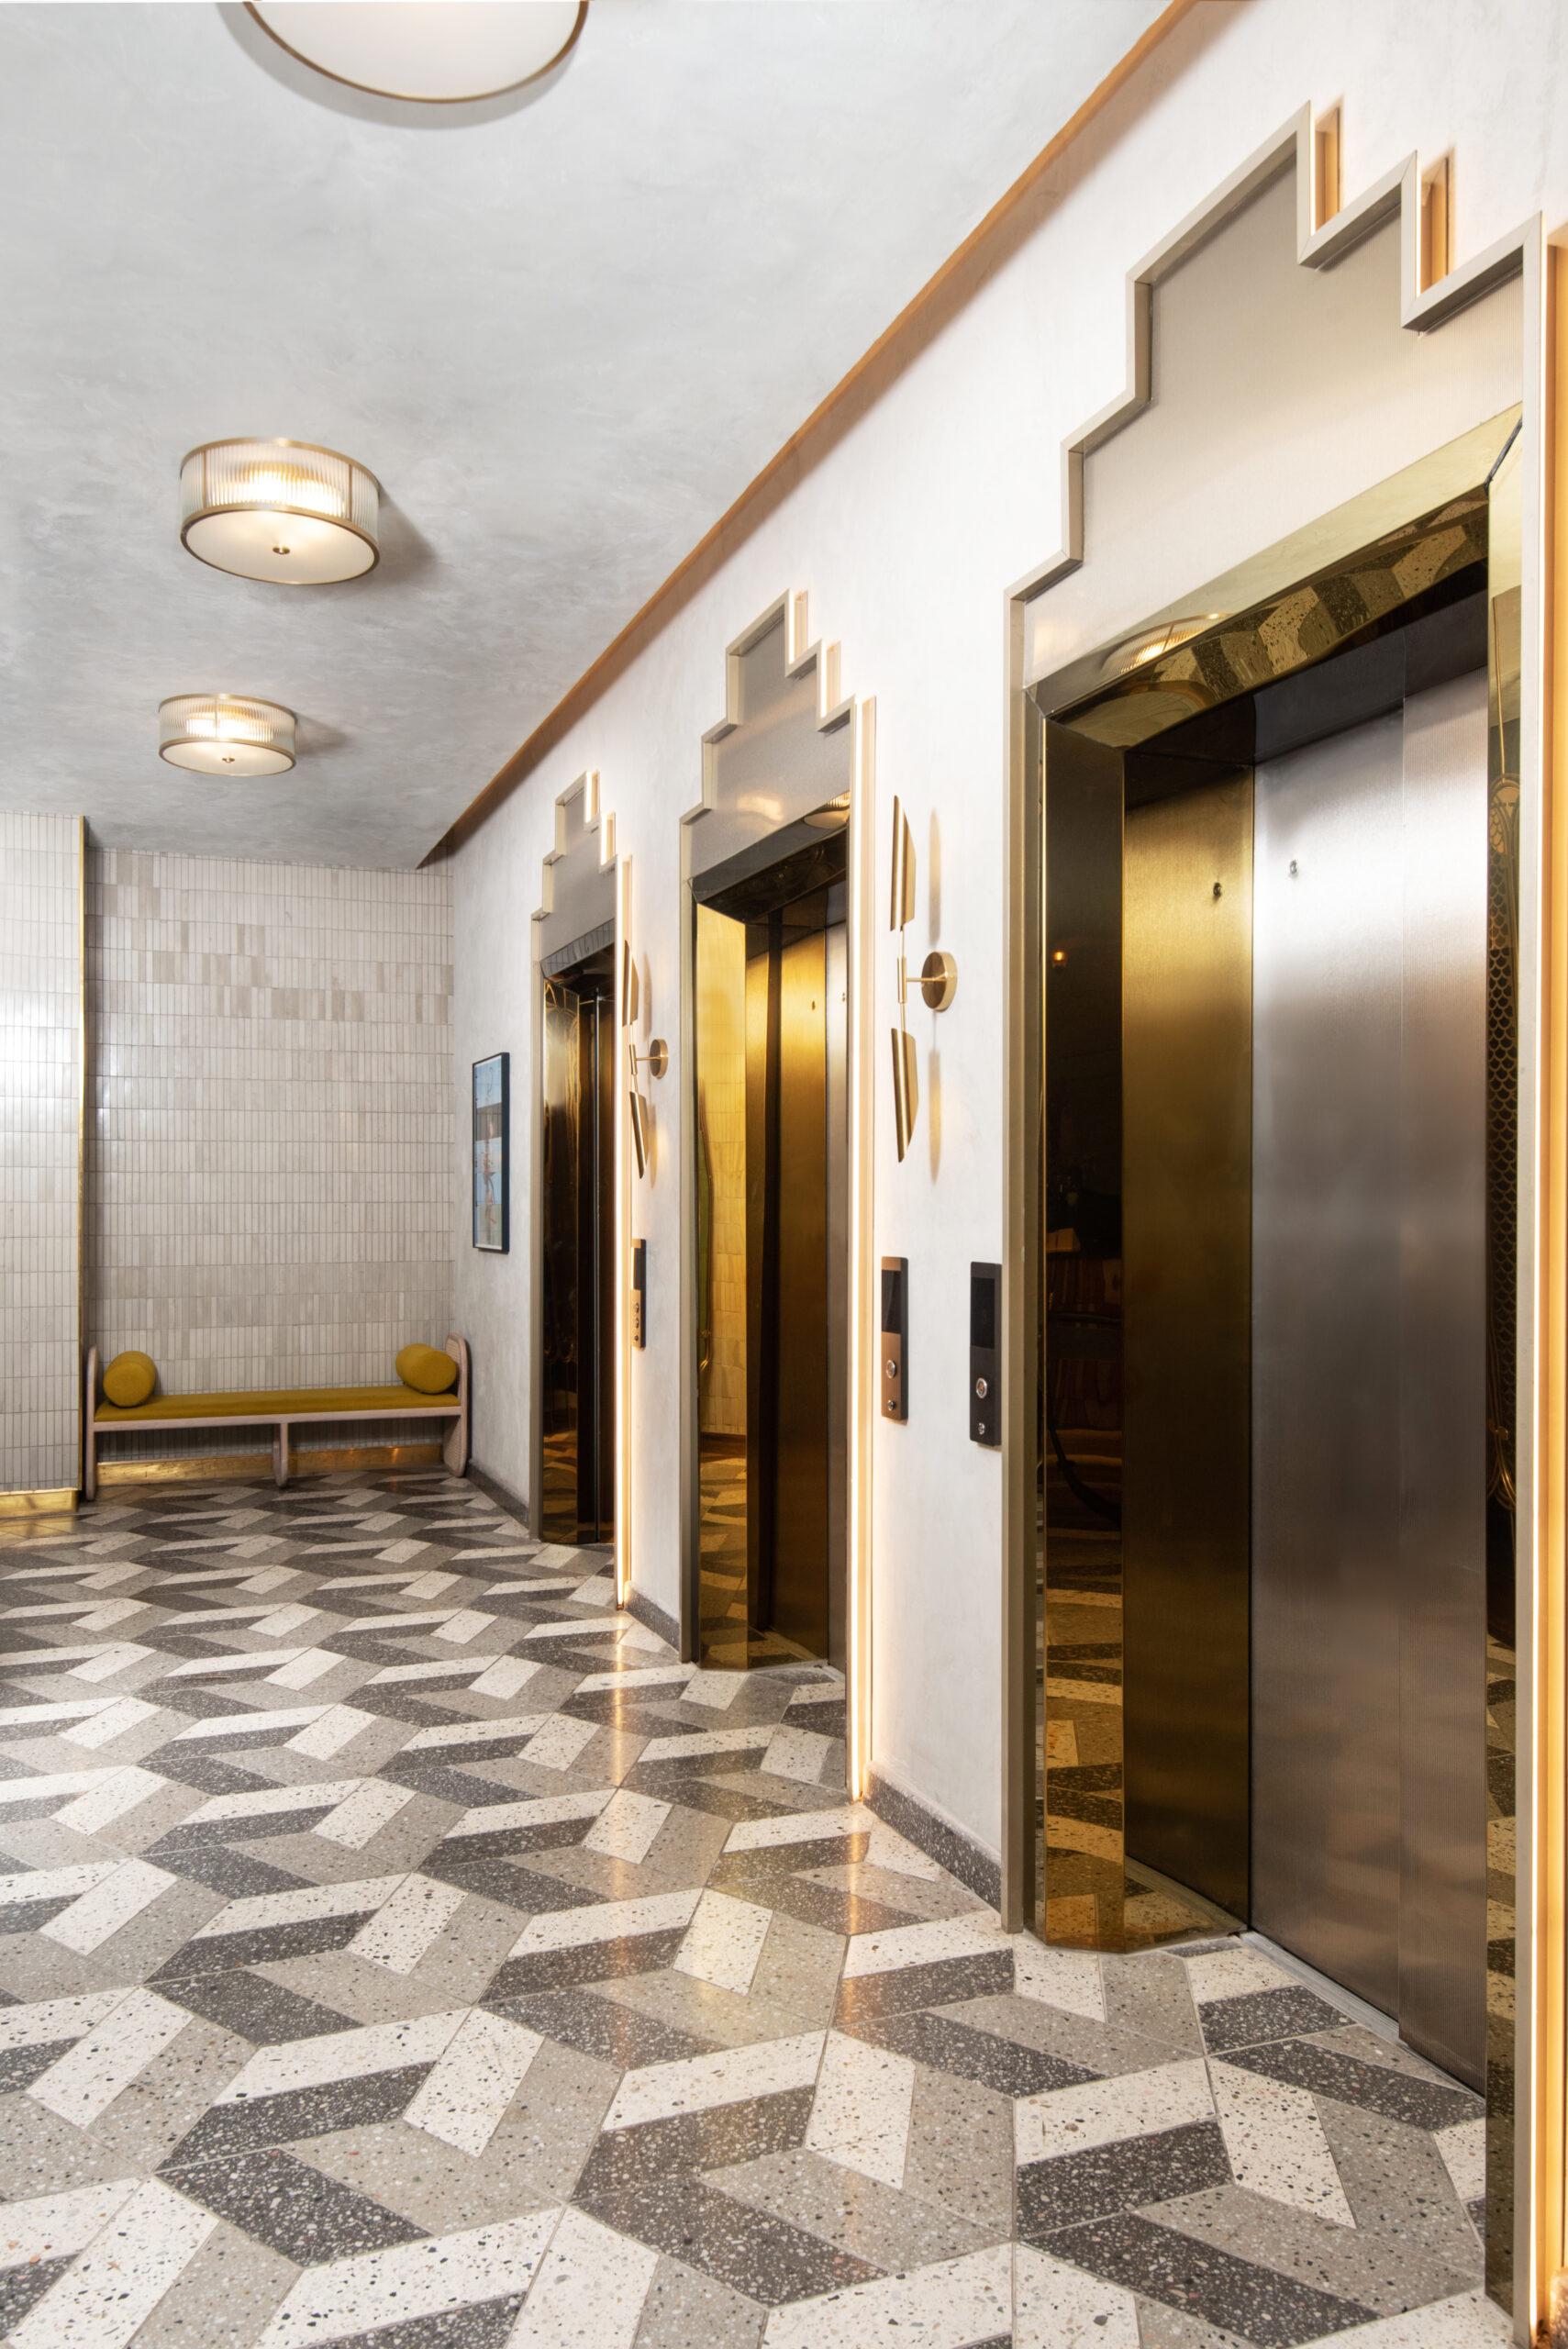 imbewu-design-the-bank-hotel-lobby-8